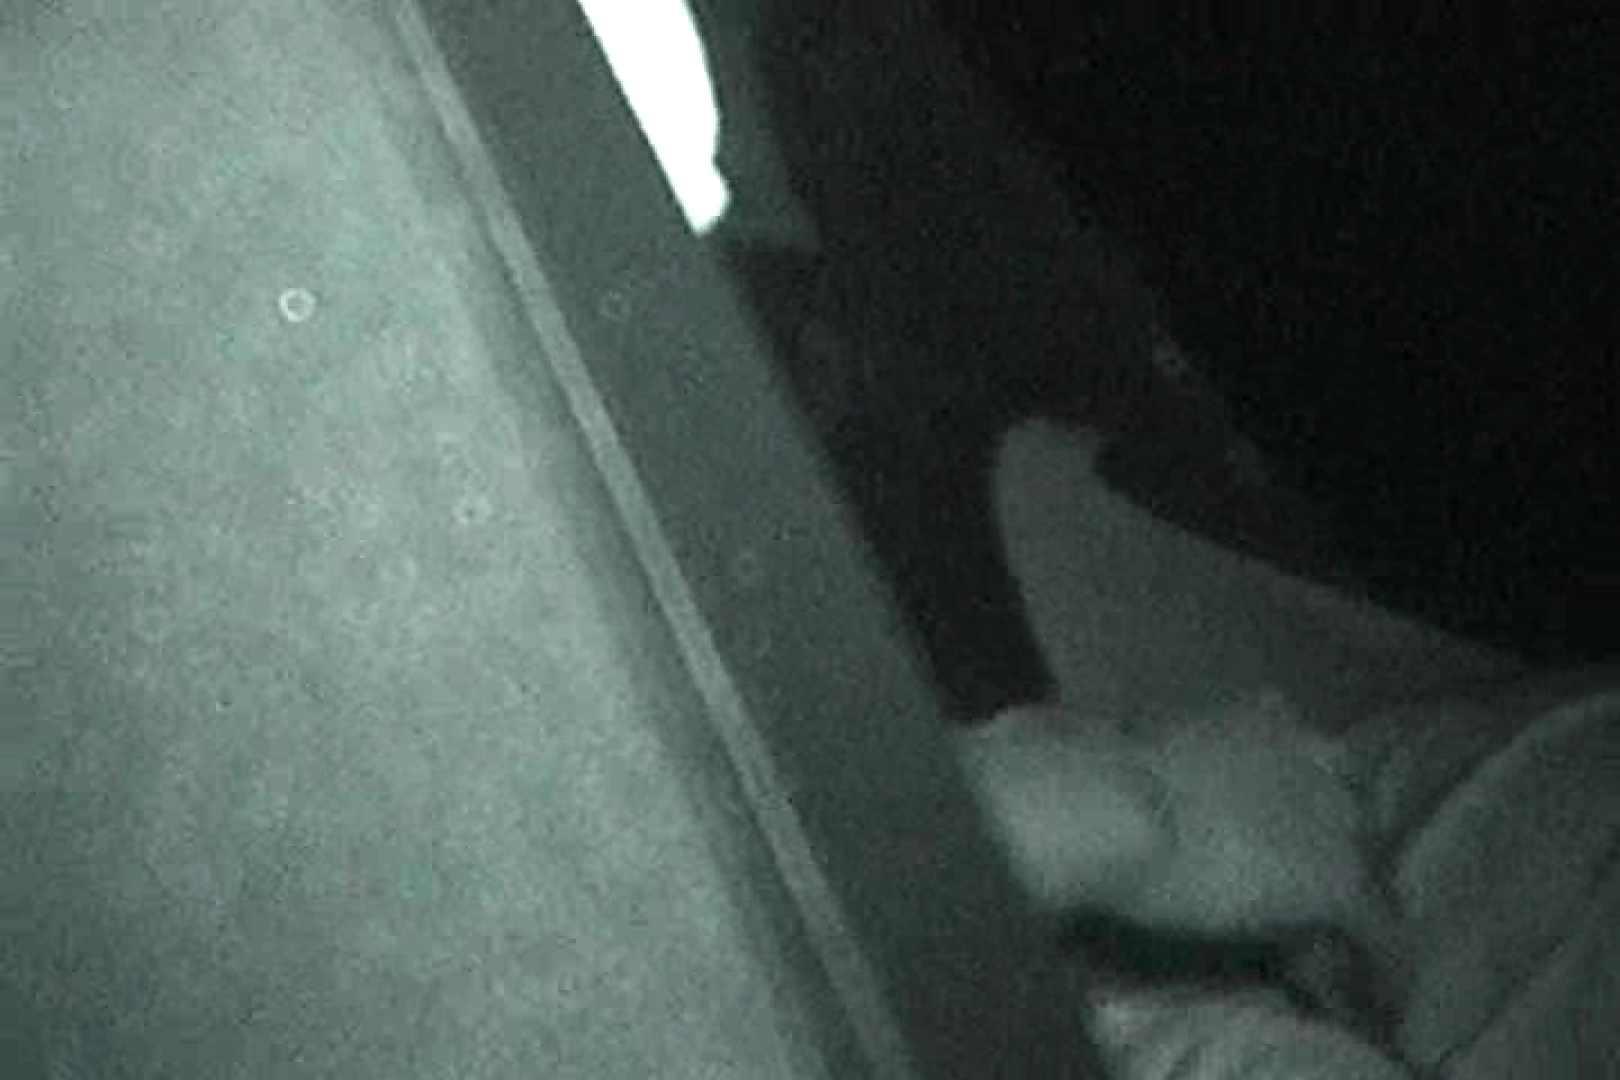 充血監督の深夜の運動会Vol.3 車でエッチ エロ画像 108PIX 59